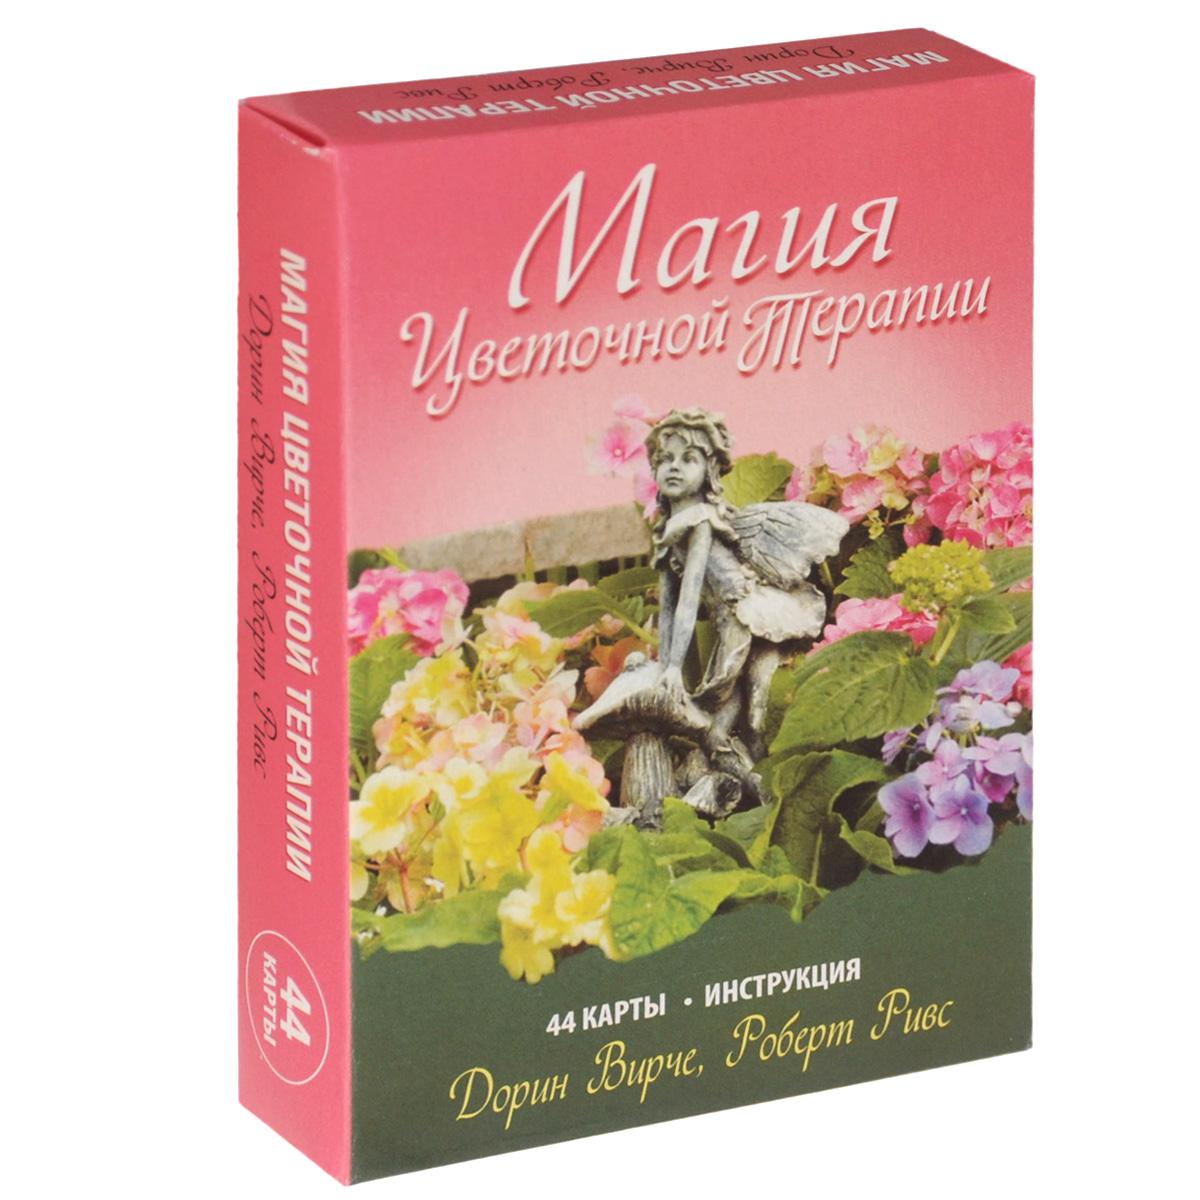 Магия цветочной терапии (+ 44 карты). Дорин Вирче, Роберт Ривс